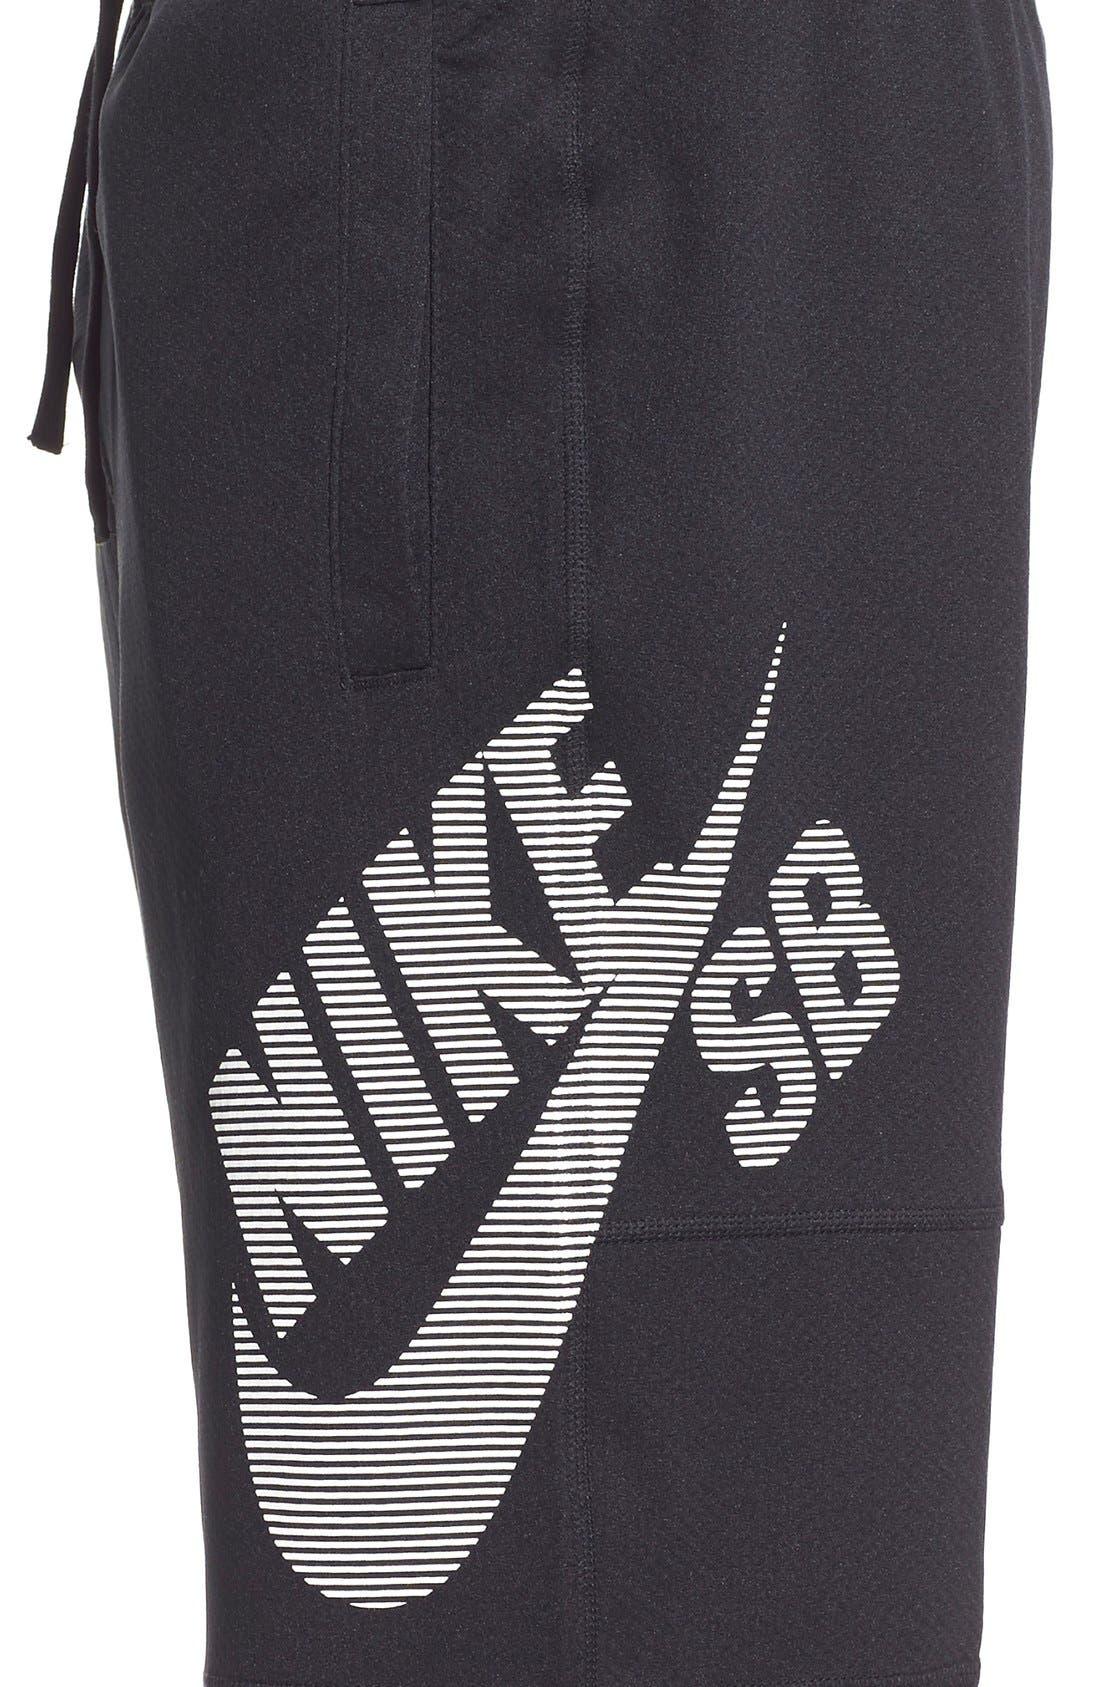 SB 'Stripe Sunday' Dri-FIT Shorts,                             Alternate thumbnail 4, color,                             Black/White